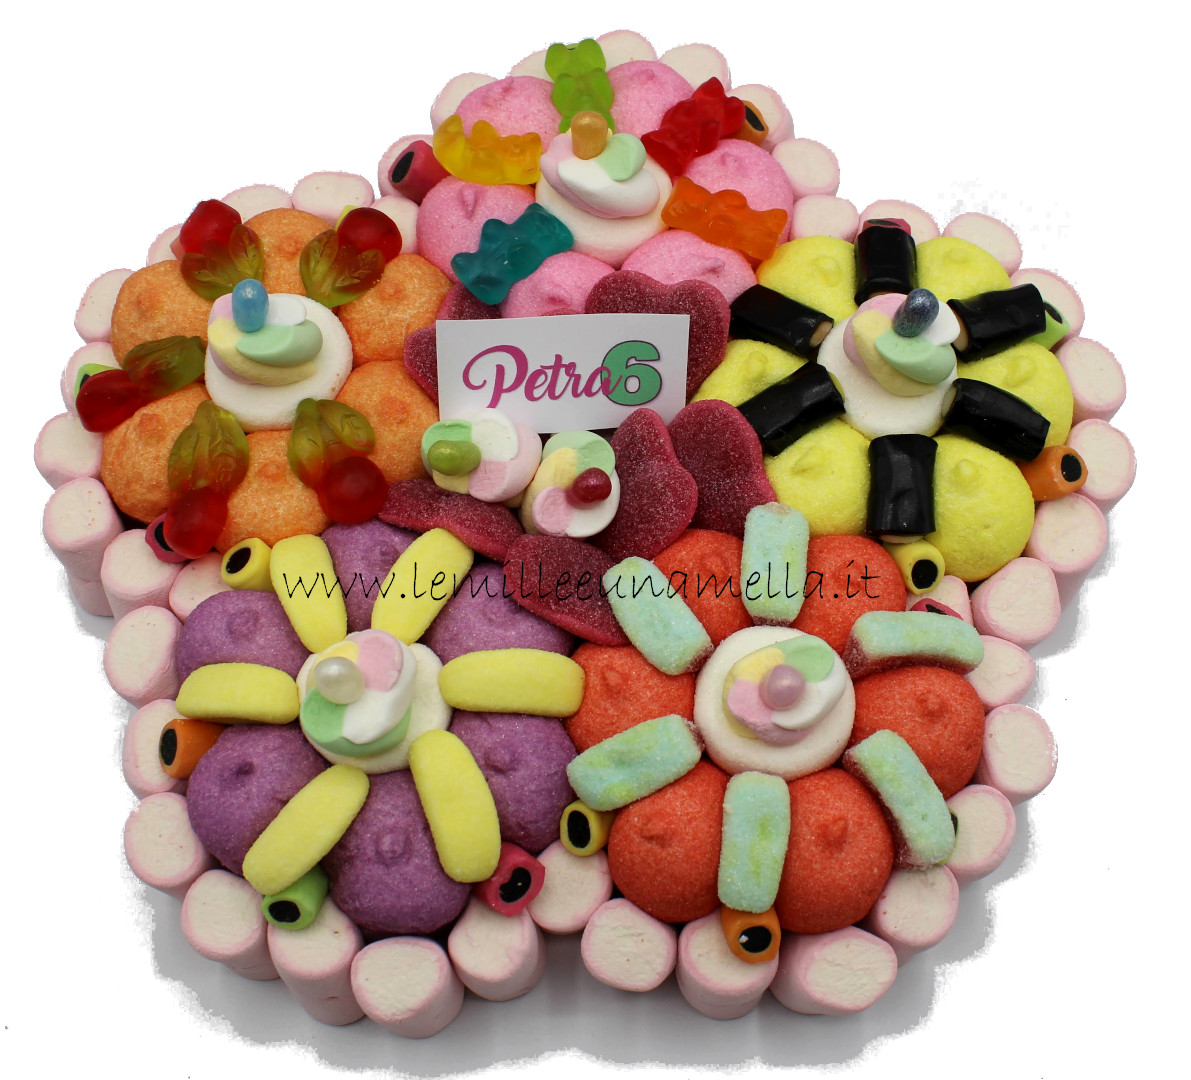 torta di caramelle e marshmallow a forma di fiore per compleanno, vendita online Le Mille e una Mella